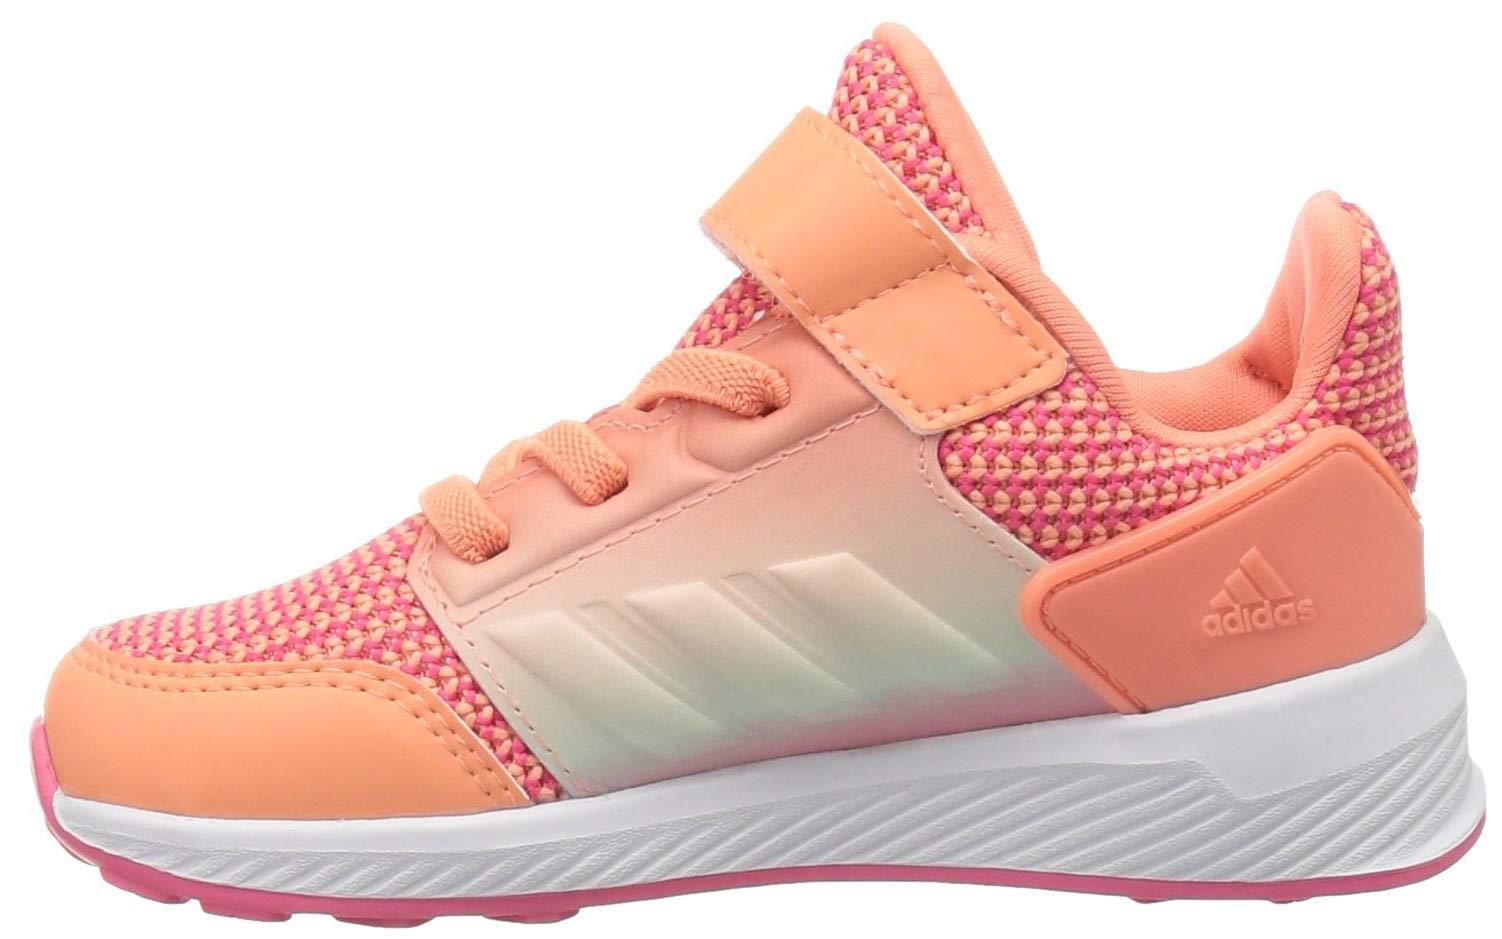 adidas Originals Baby Rapidarun Running Shoe, Chalk Coral/White/Real Pink, 7K M US Toddler